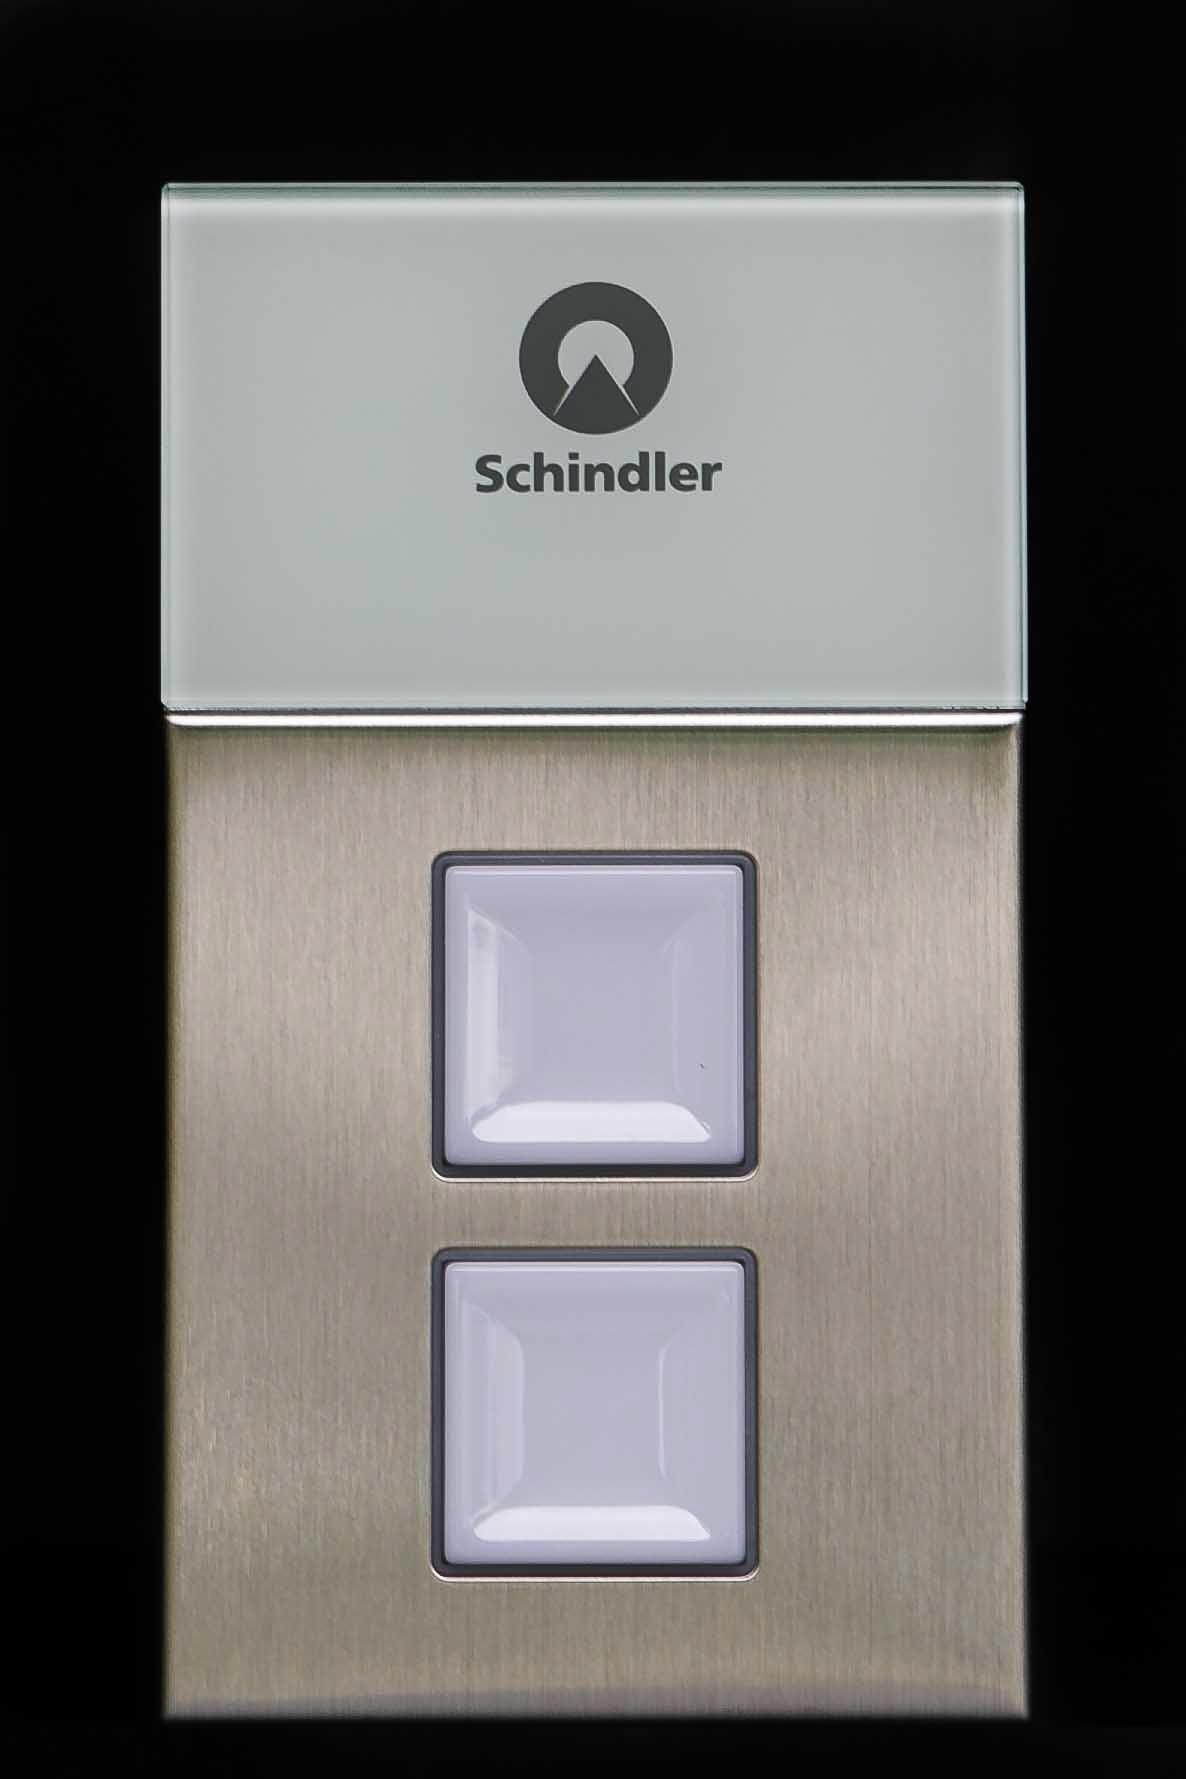 4D8A9584_9071 copySchindler.JPG